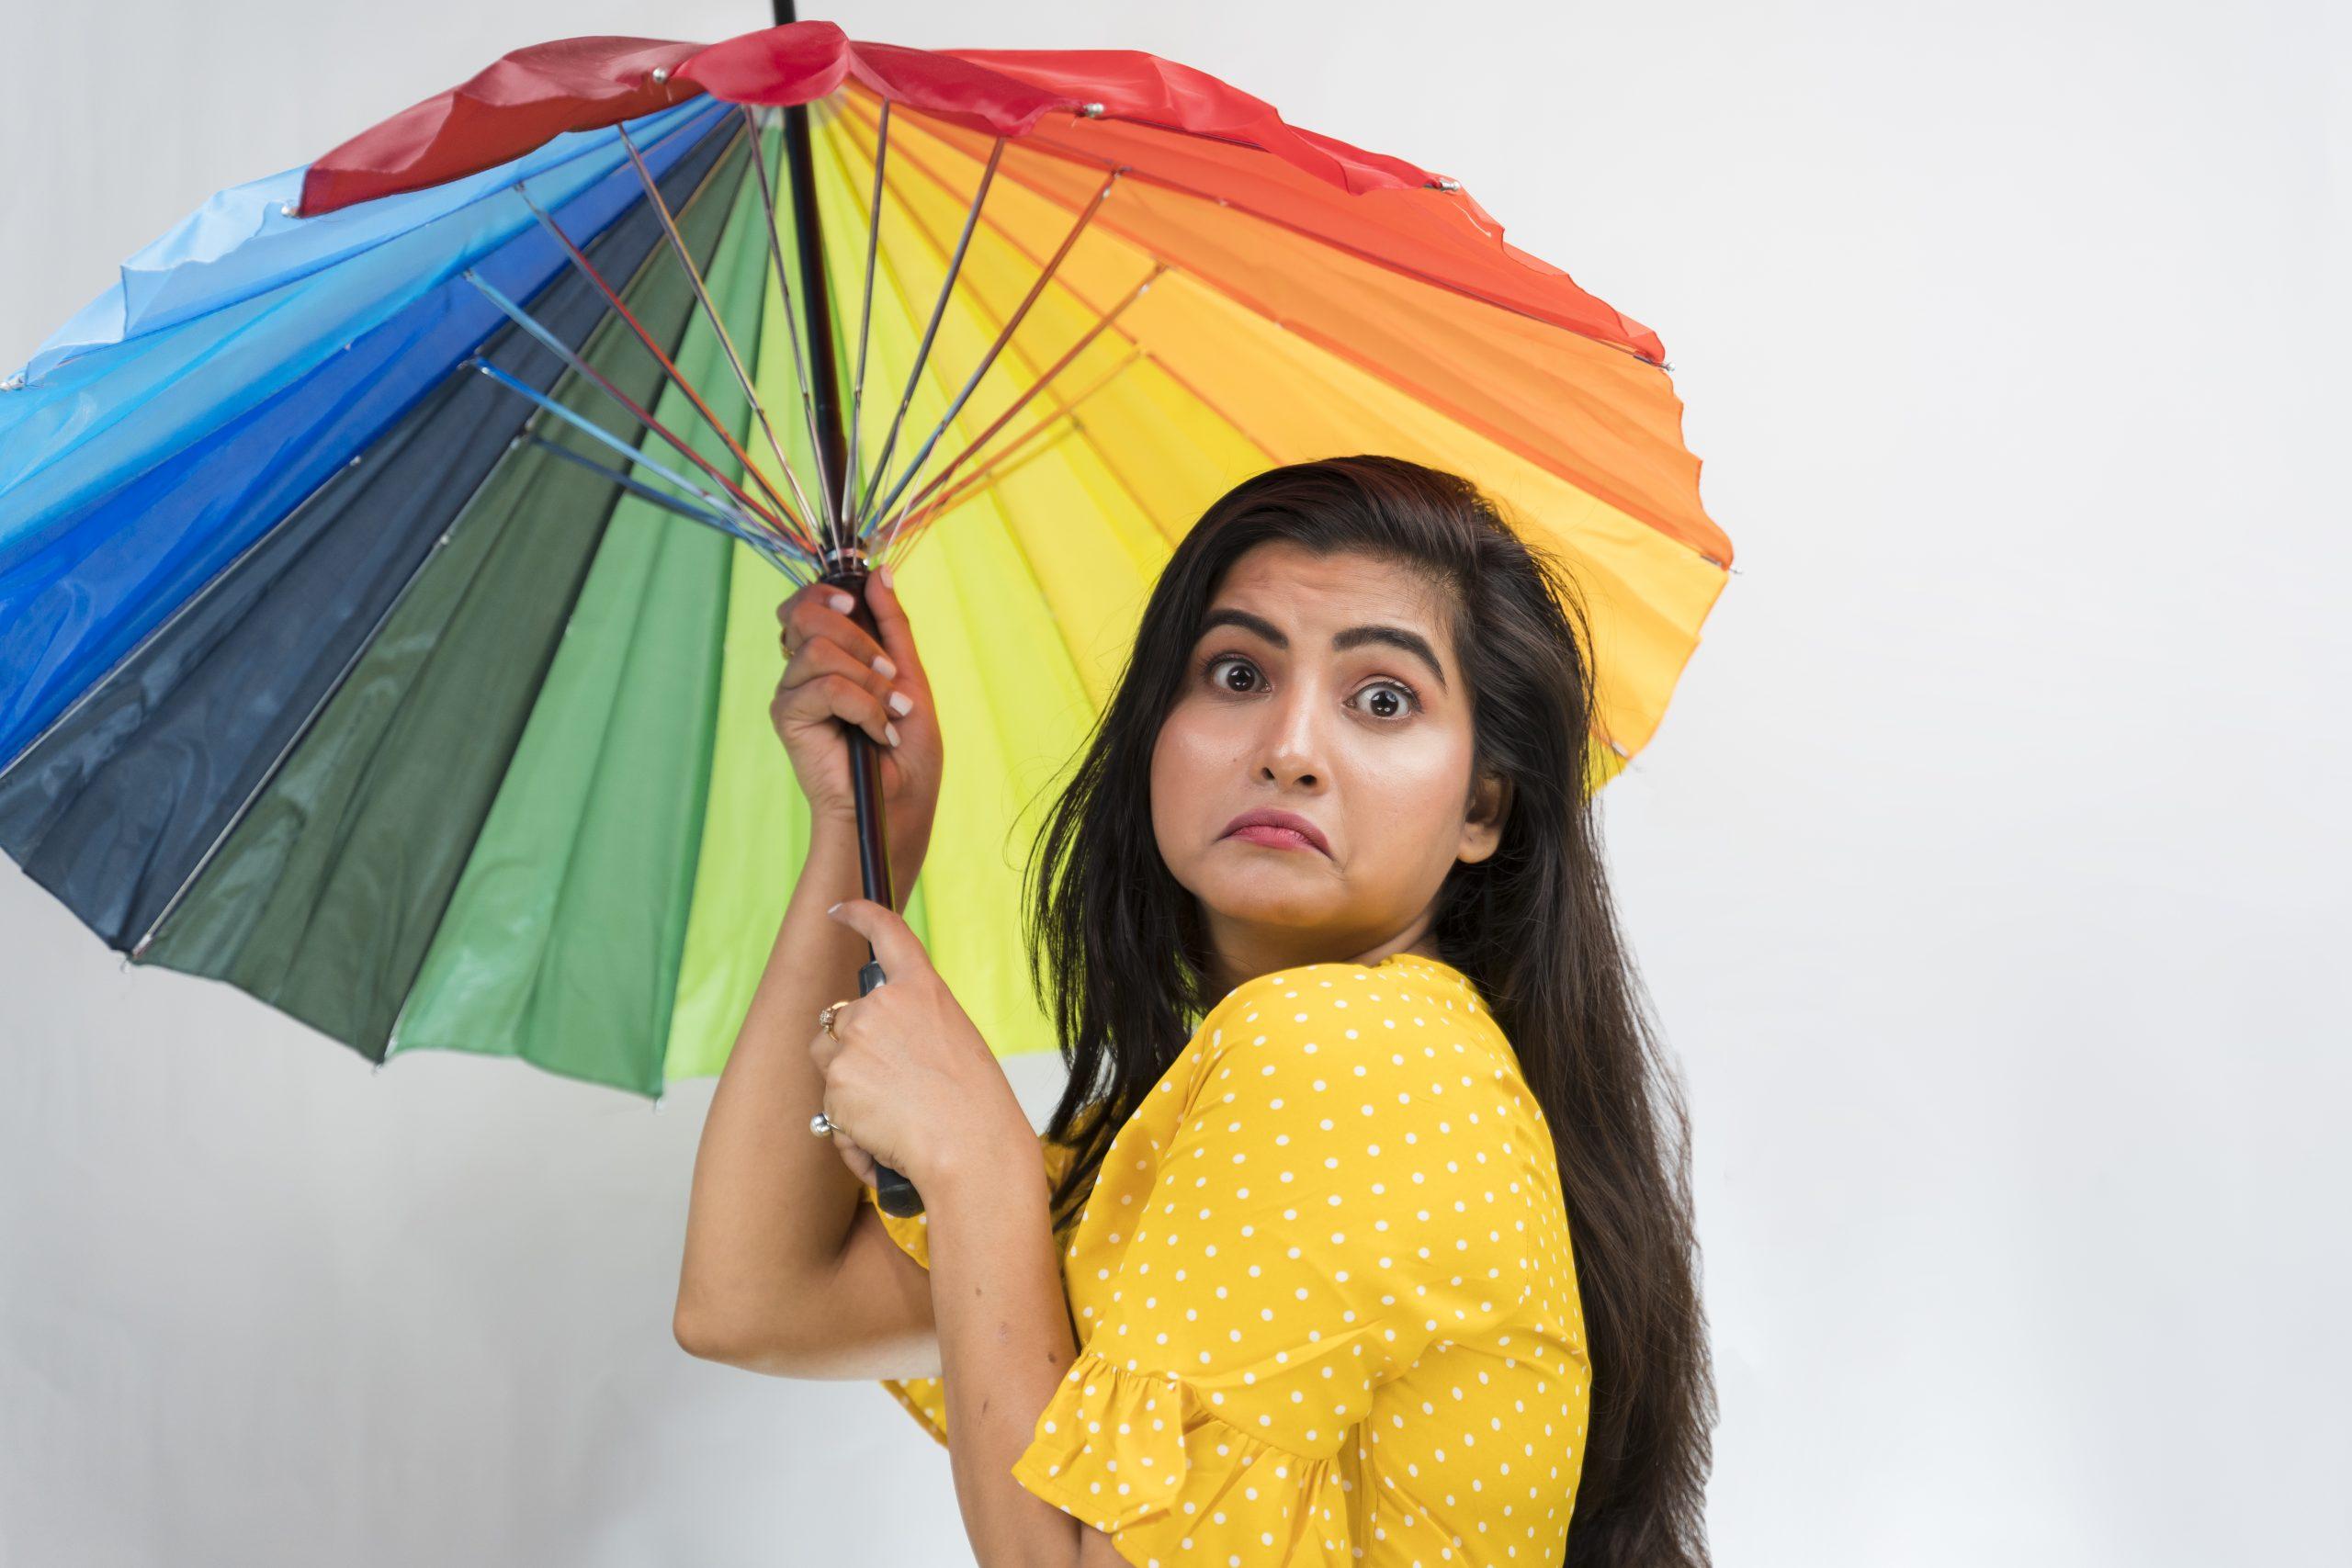 Unhappy girl with umbrella